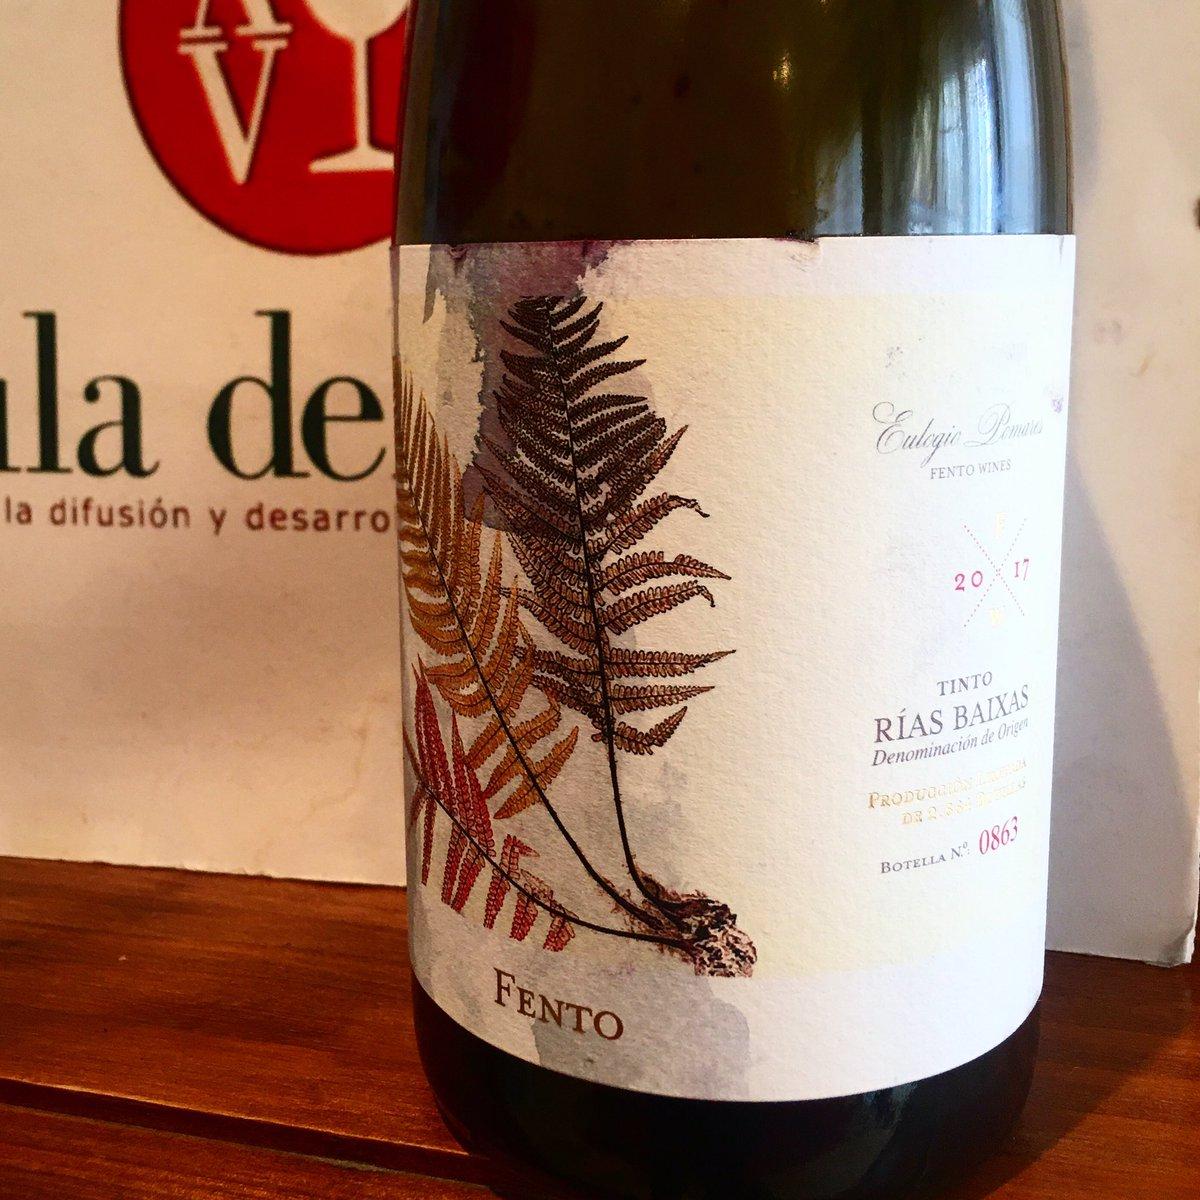 Expresivo, maduro y recto,nos ha cautivado este Fento de Eulogio Pomares elaborado en el Condado de Tea y dominado por la Sousón. Muy interesante!! ❤️ @Rias_Baixas #fento #eulogiopomares #vino #riasbaixas #wine #spanishfood